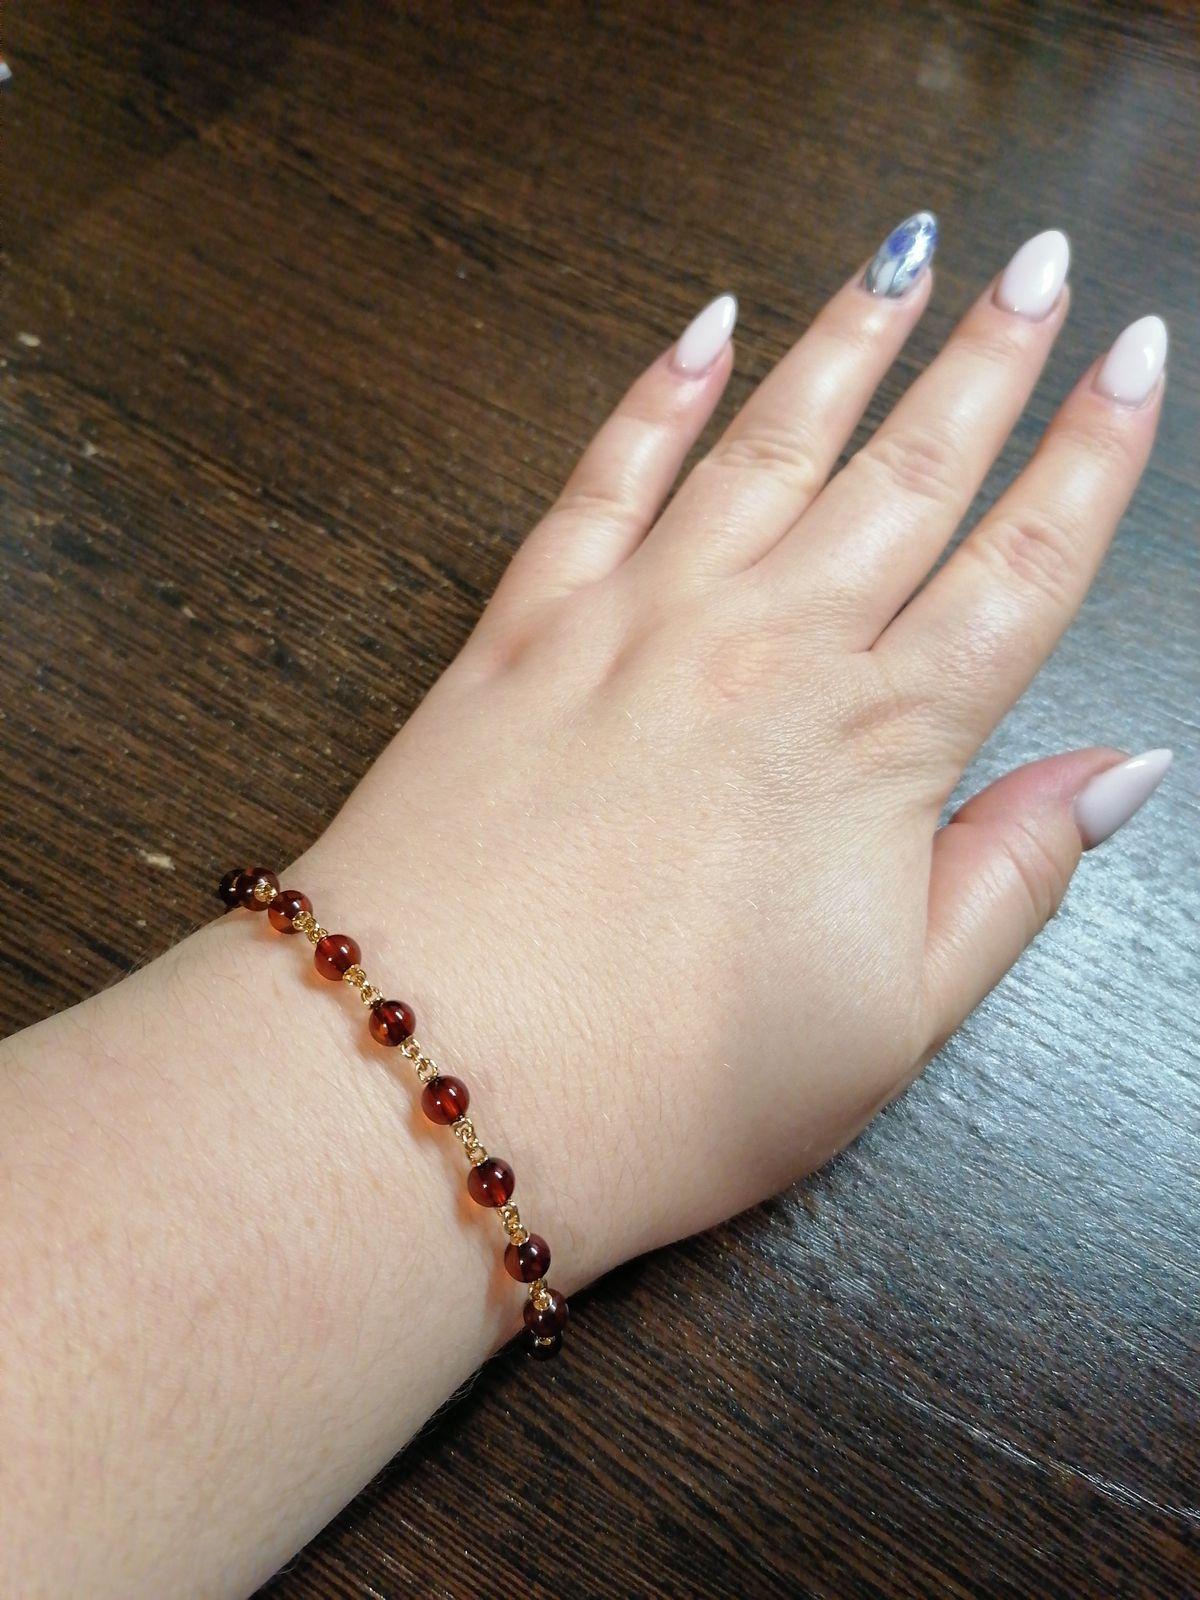 Сережки купила вместе с браслетом, всё супер, смотрится нежно, красиво!